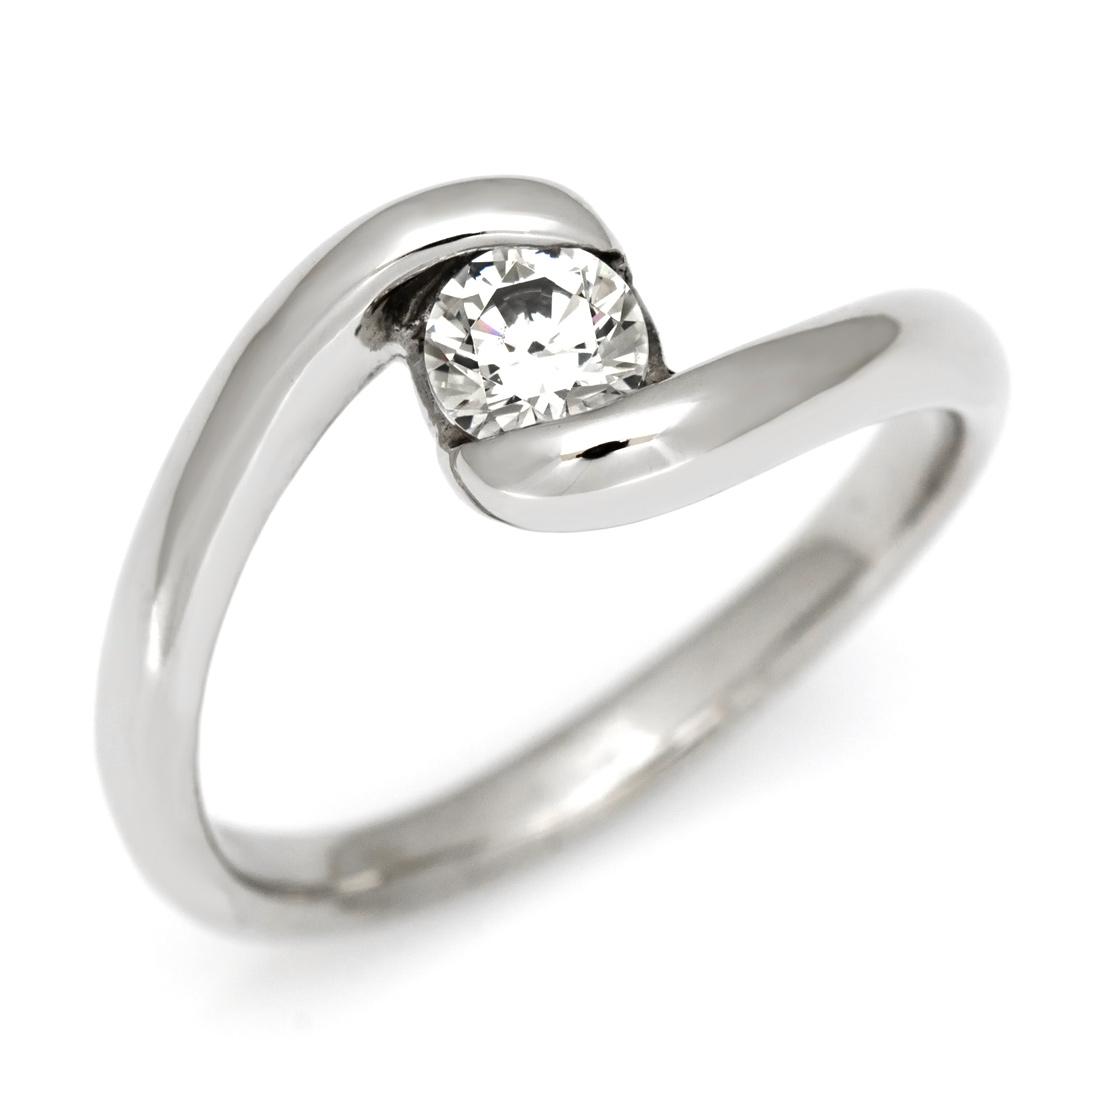 リング ダイヤモンド 0.3カラット ゴールド K18